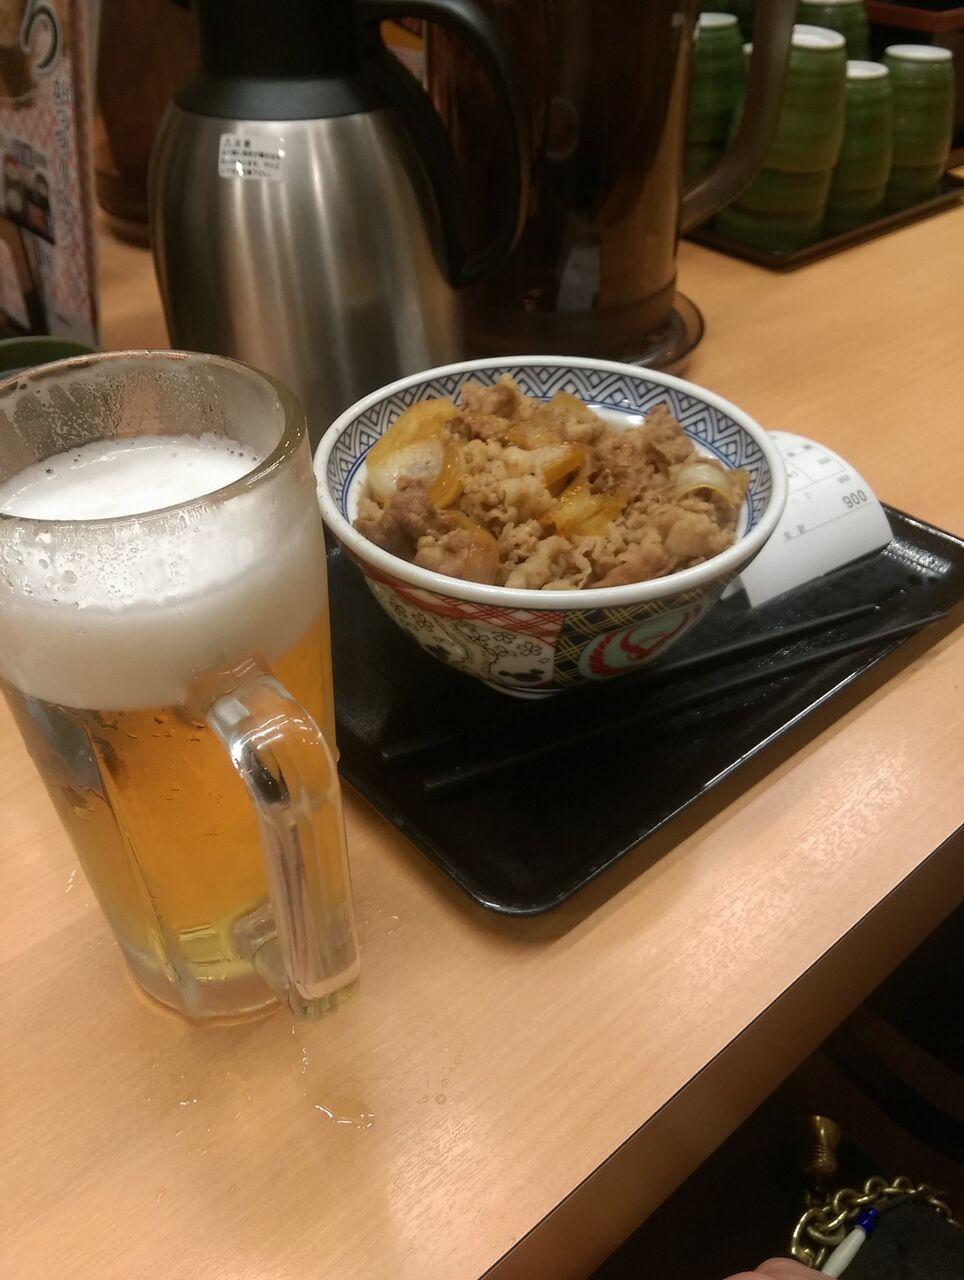 【画像】牛丼を究極に愉しむ方法wwwww